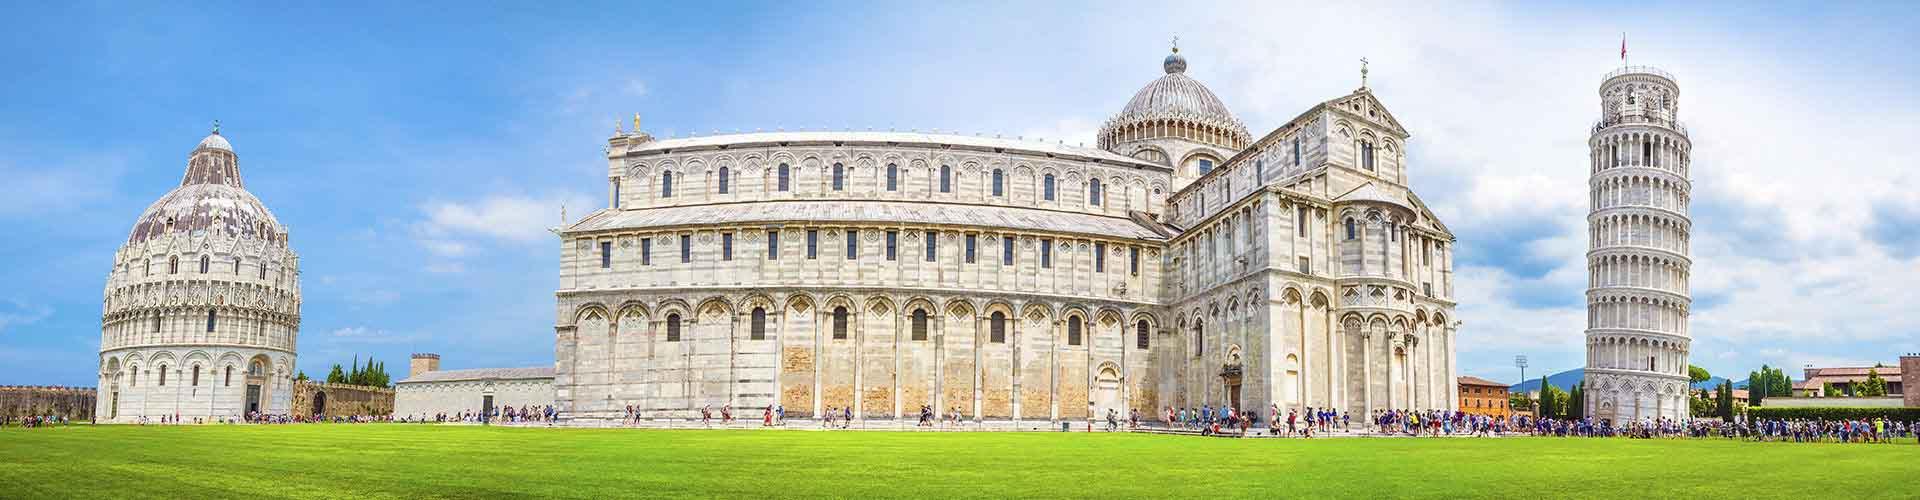 Pisa - Hostele w mieście: Pisa, Mapy: Pisa, Zdjęcia i Recenzje dla każdego hostelu w mieście Pisa.